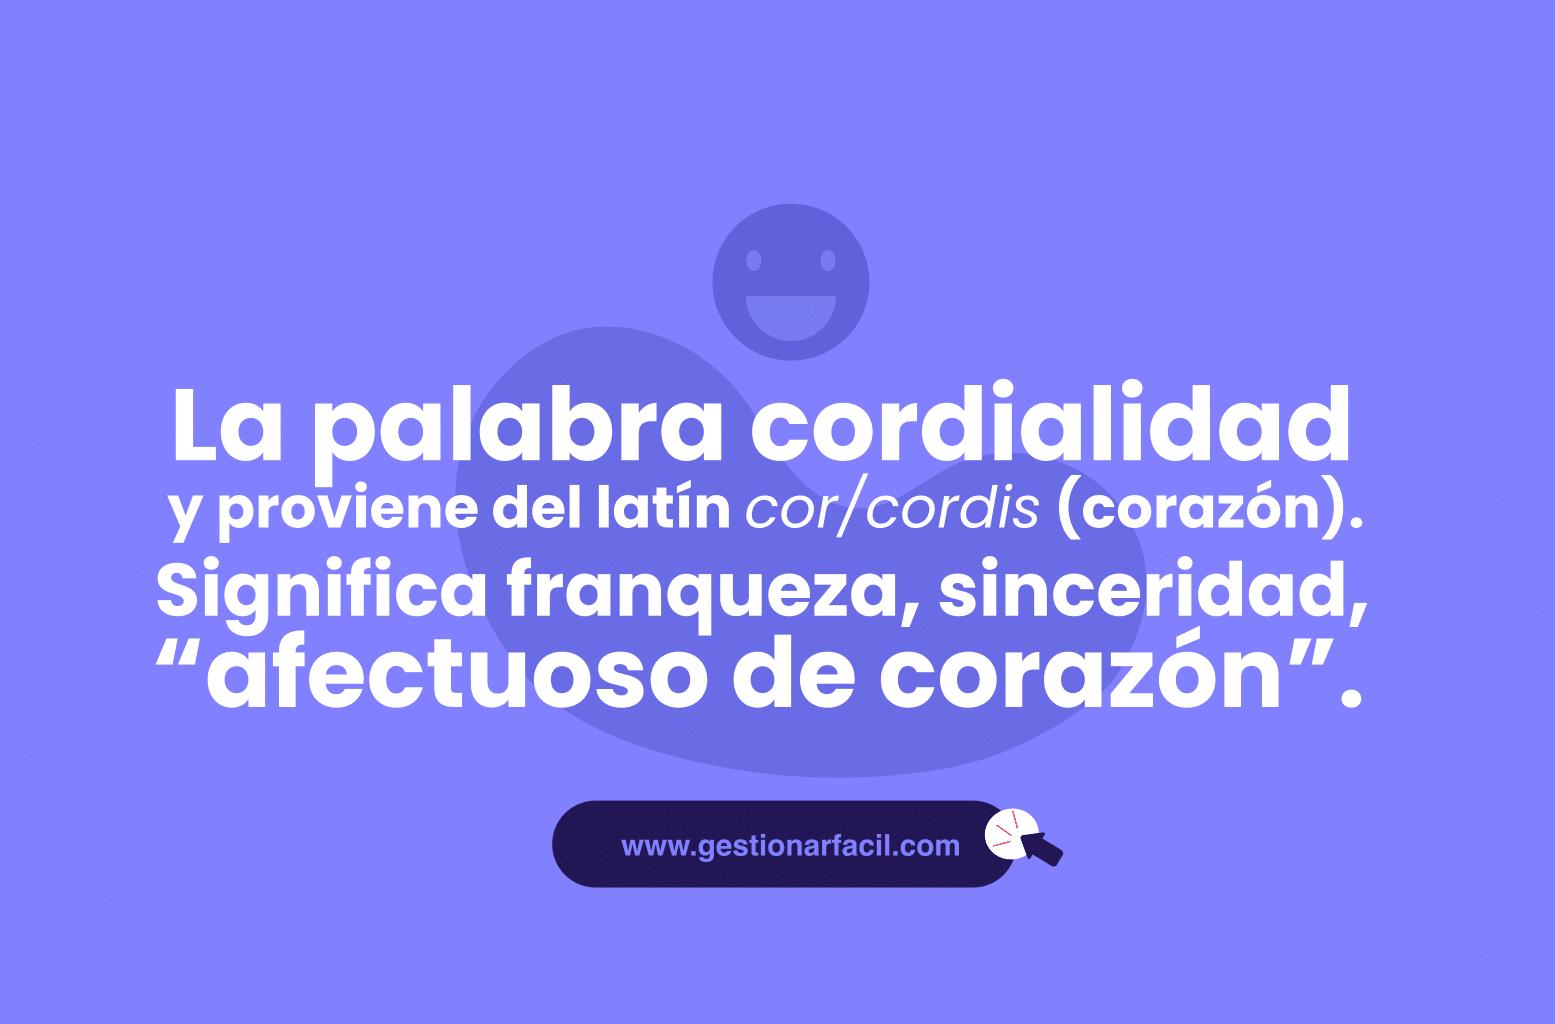 """La palabra cordialidad se deriva de cordial y proviene del latín cor/cordis (corazón). Significa franqueza, sinceridad, """"afectuoso de corazón""""."""